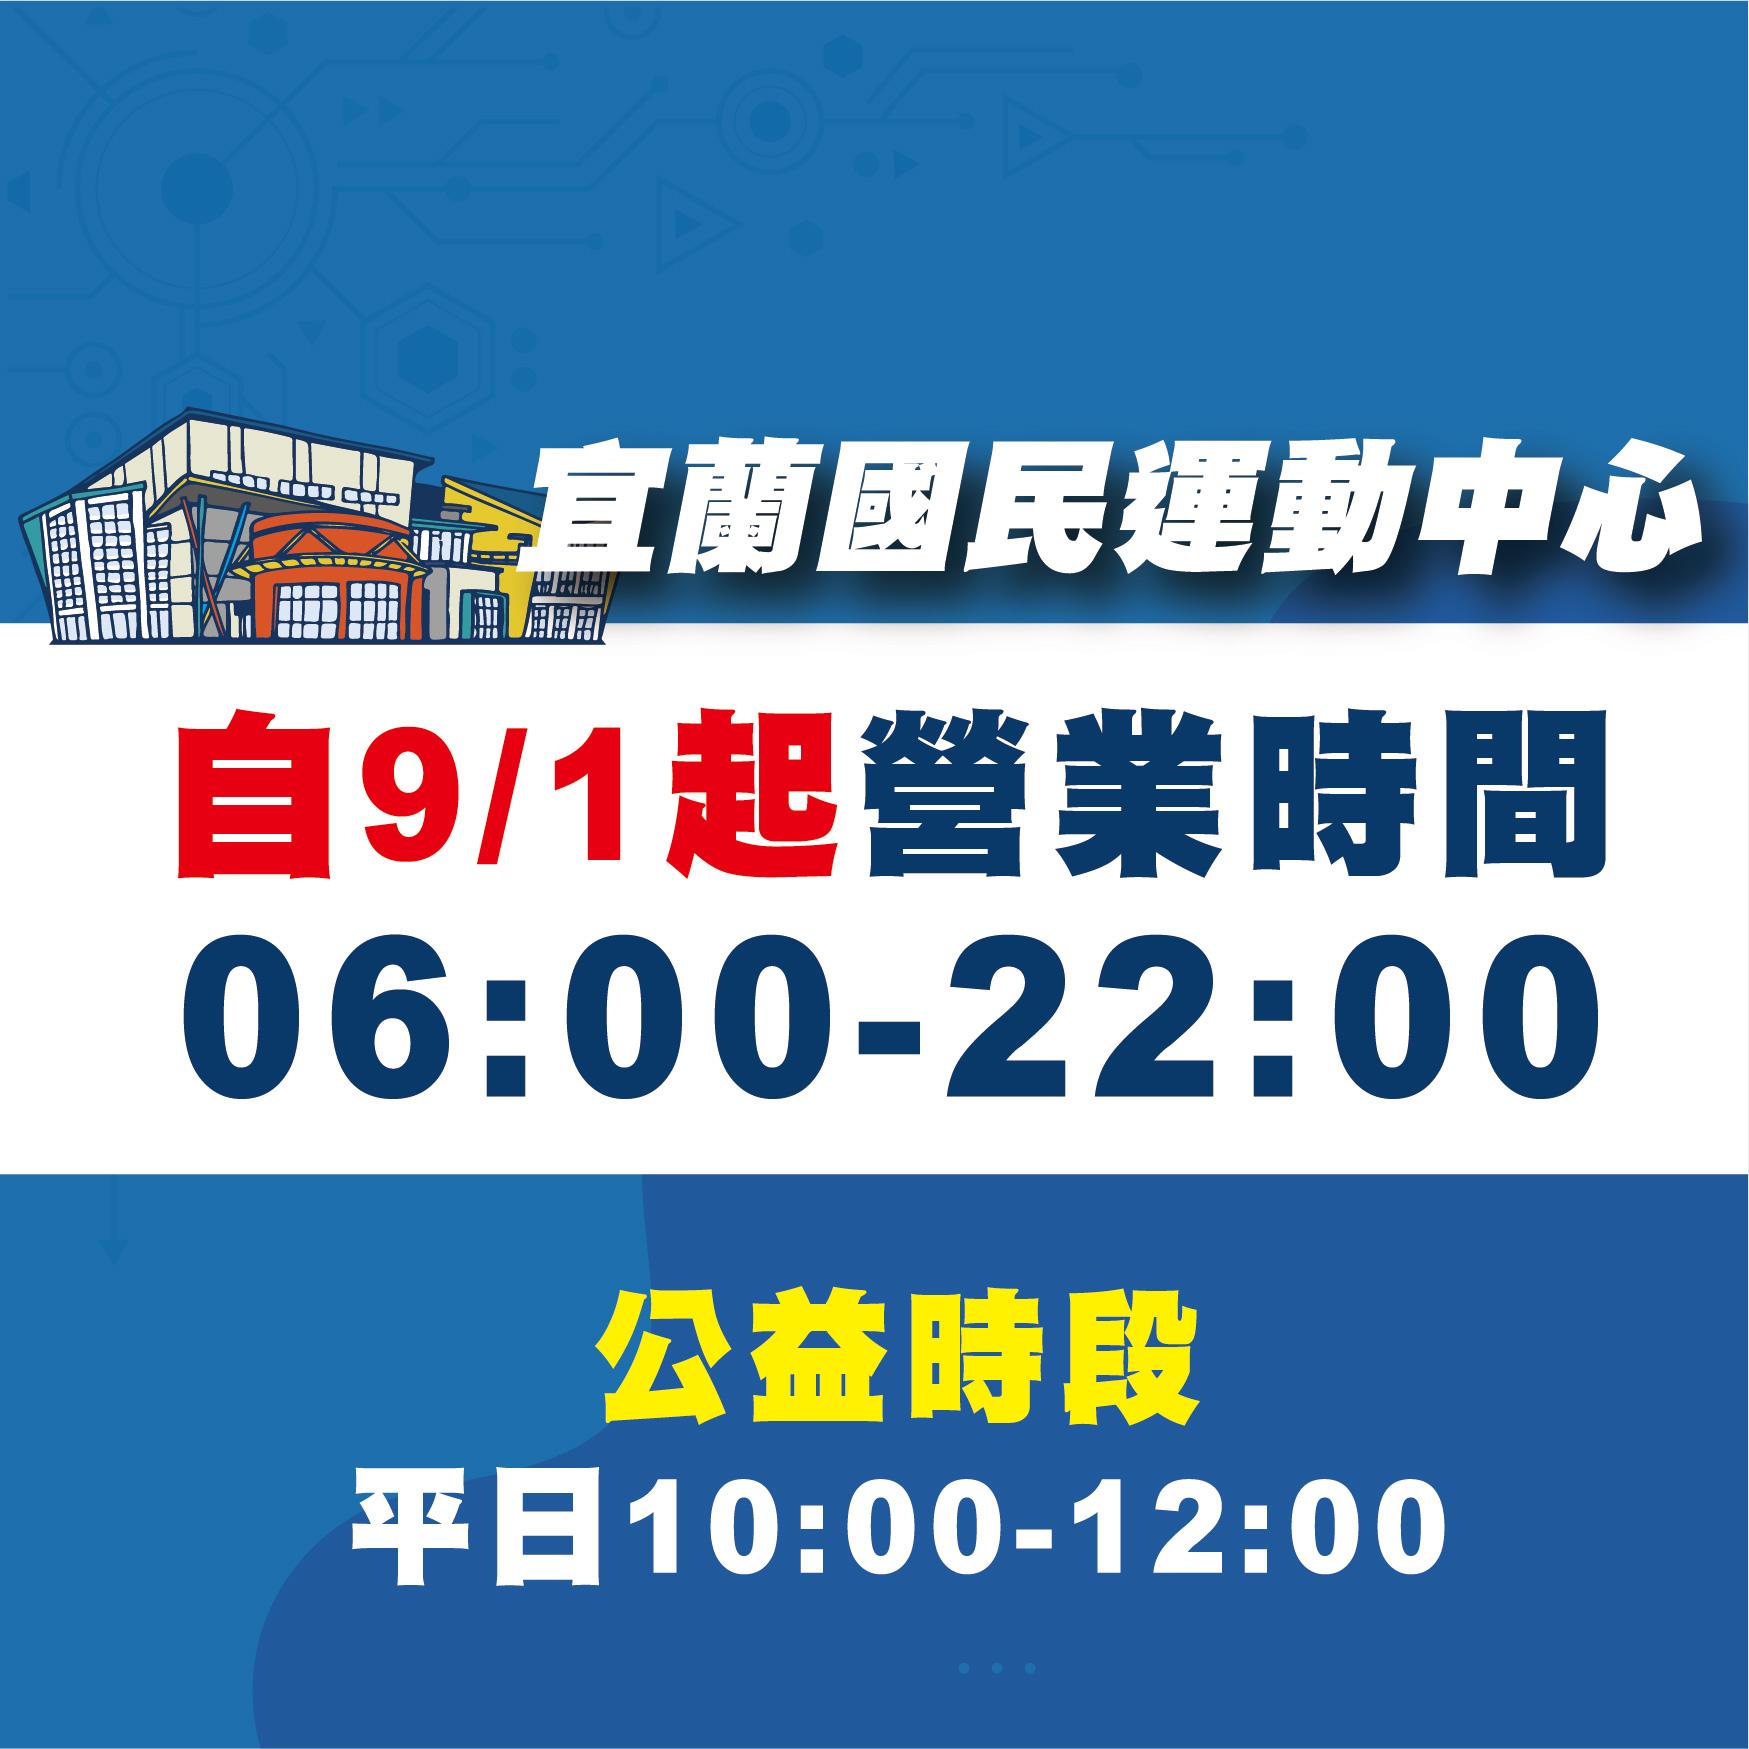 營業時間恢復6點至10點(jpg)